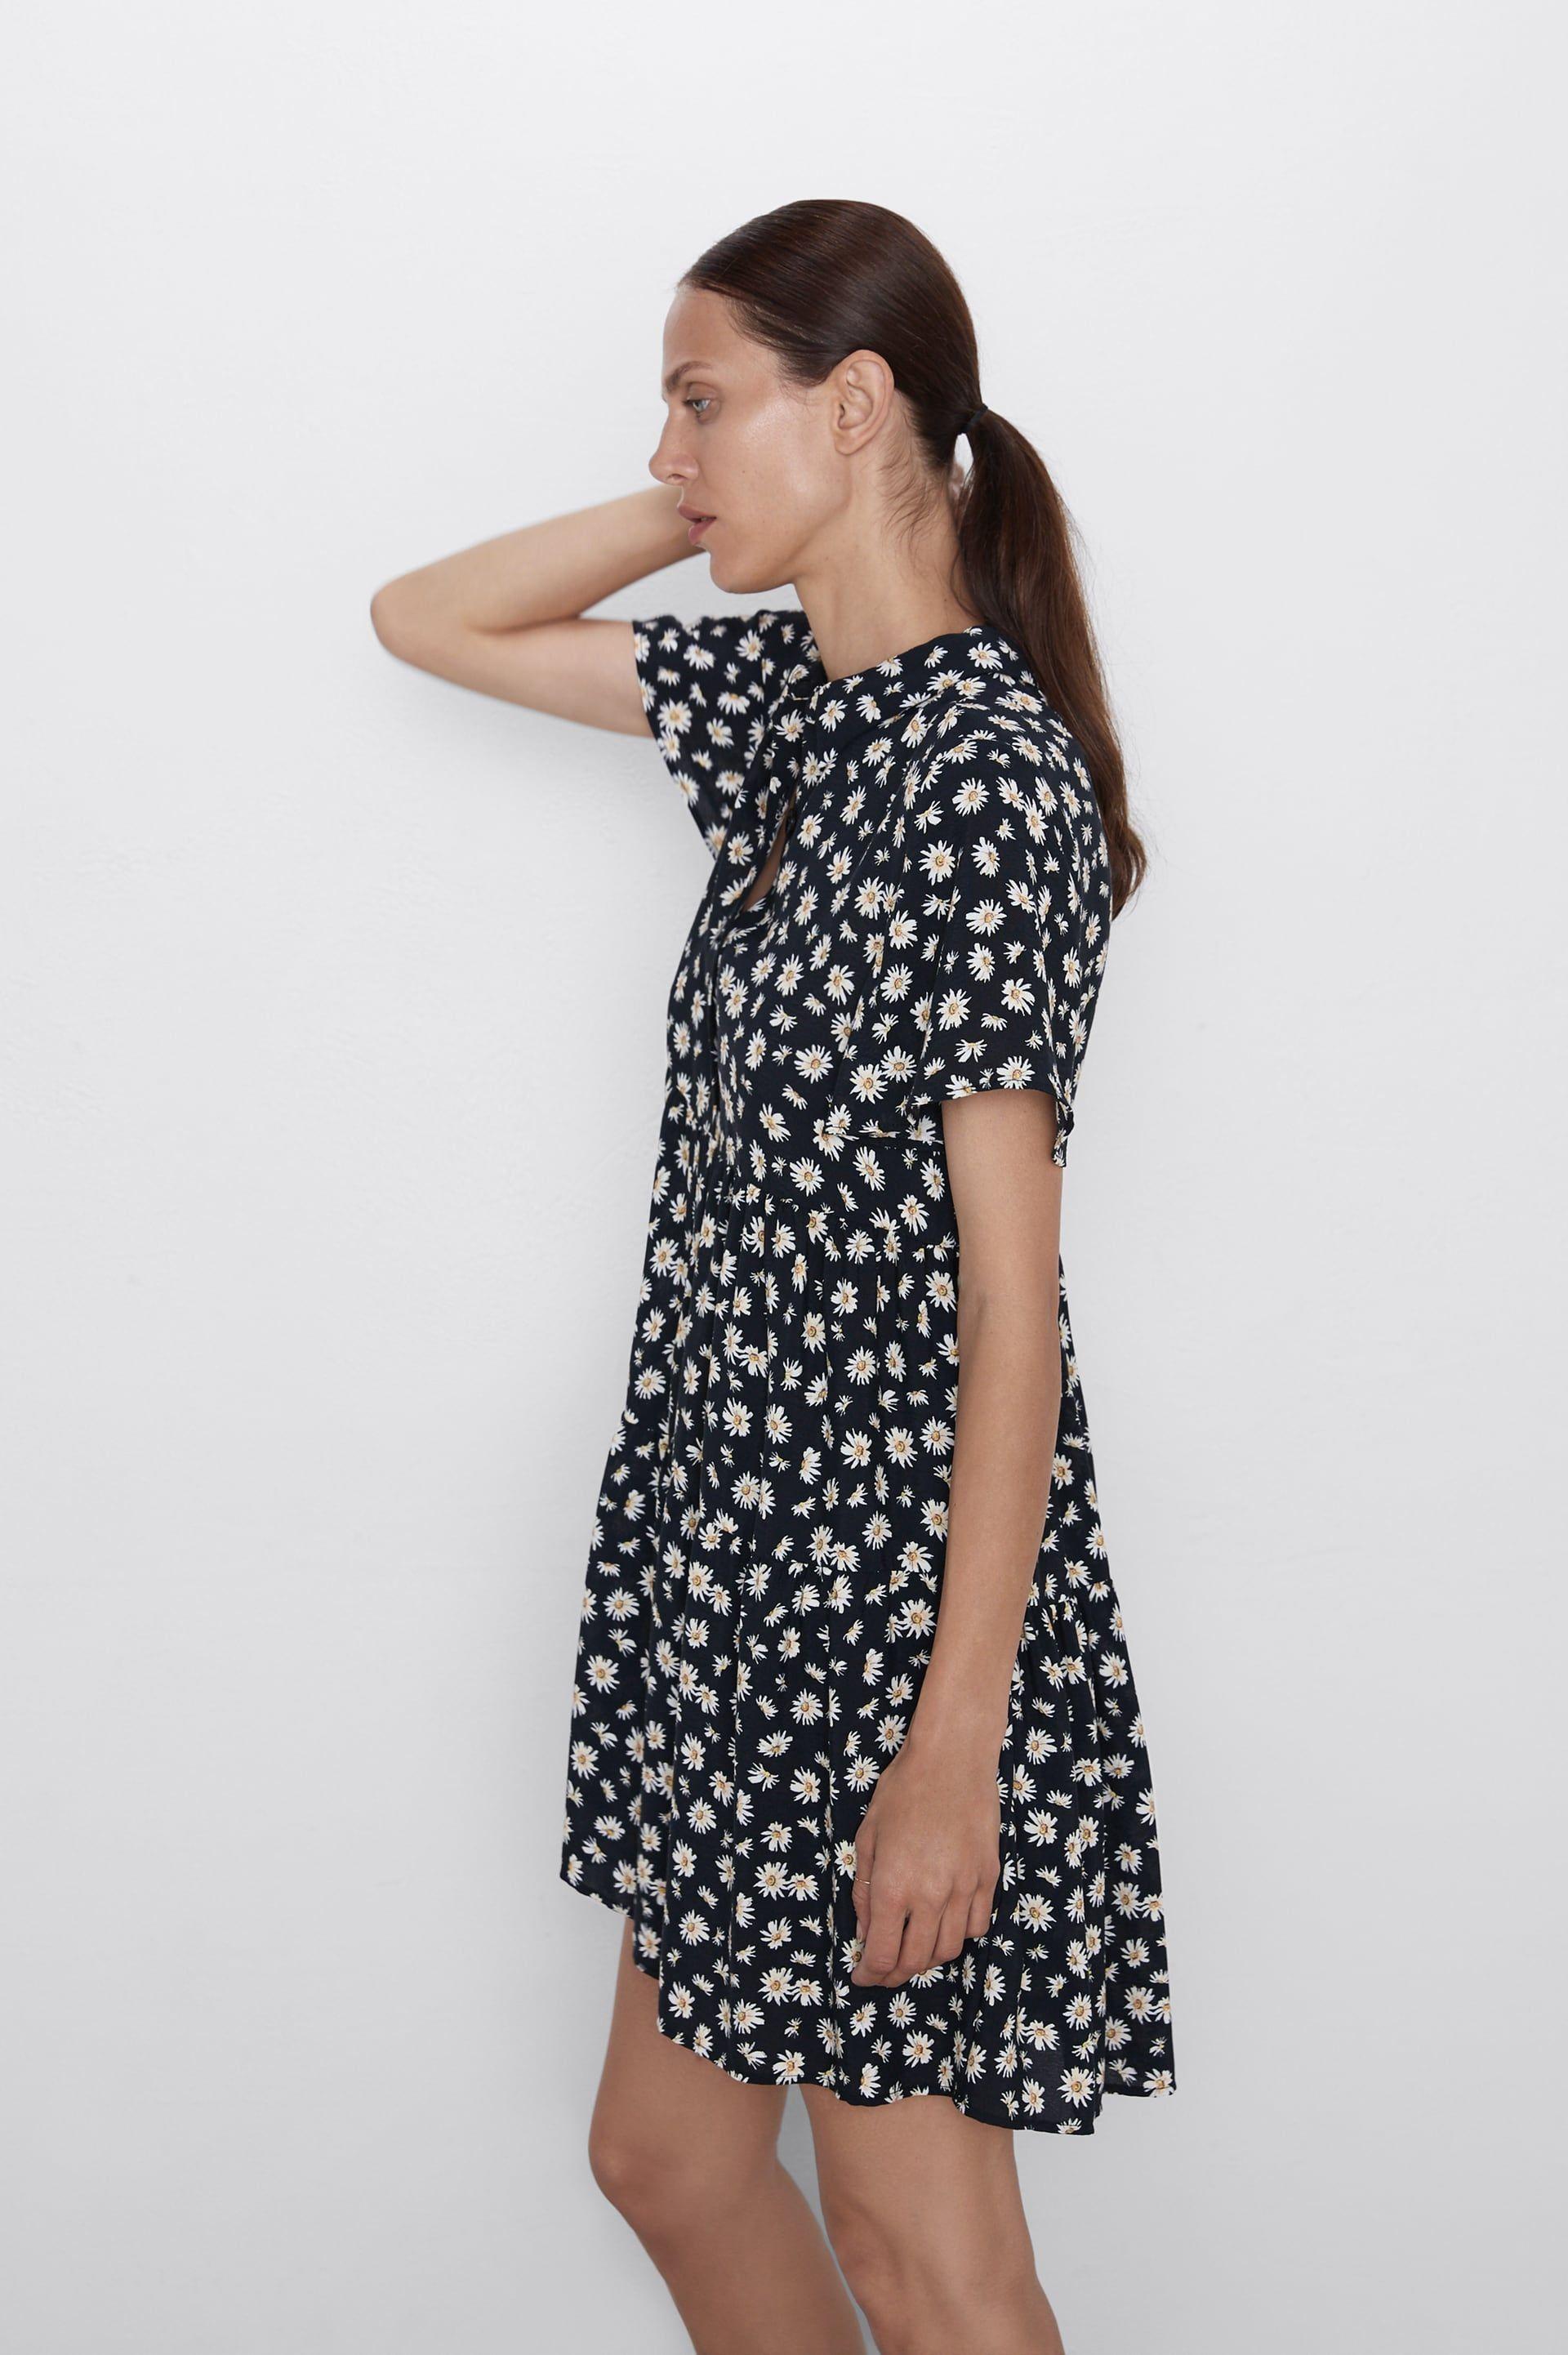 kleid mit gÄnseblÜmchenprint - alles anzeigen-kleider-damen